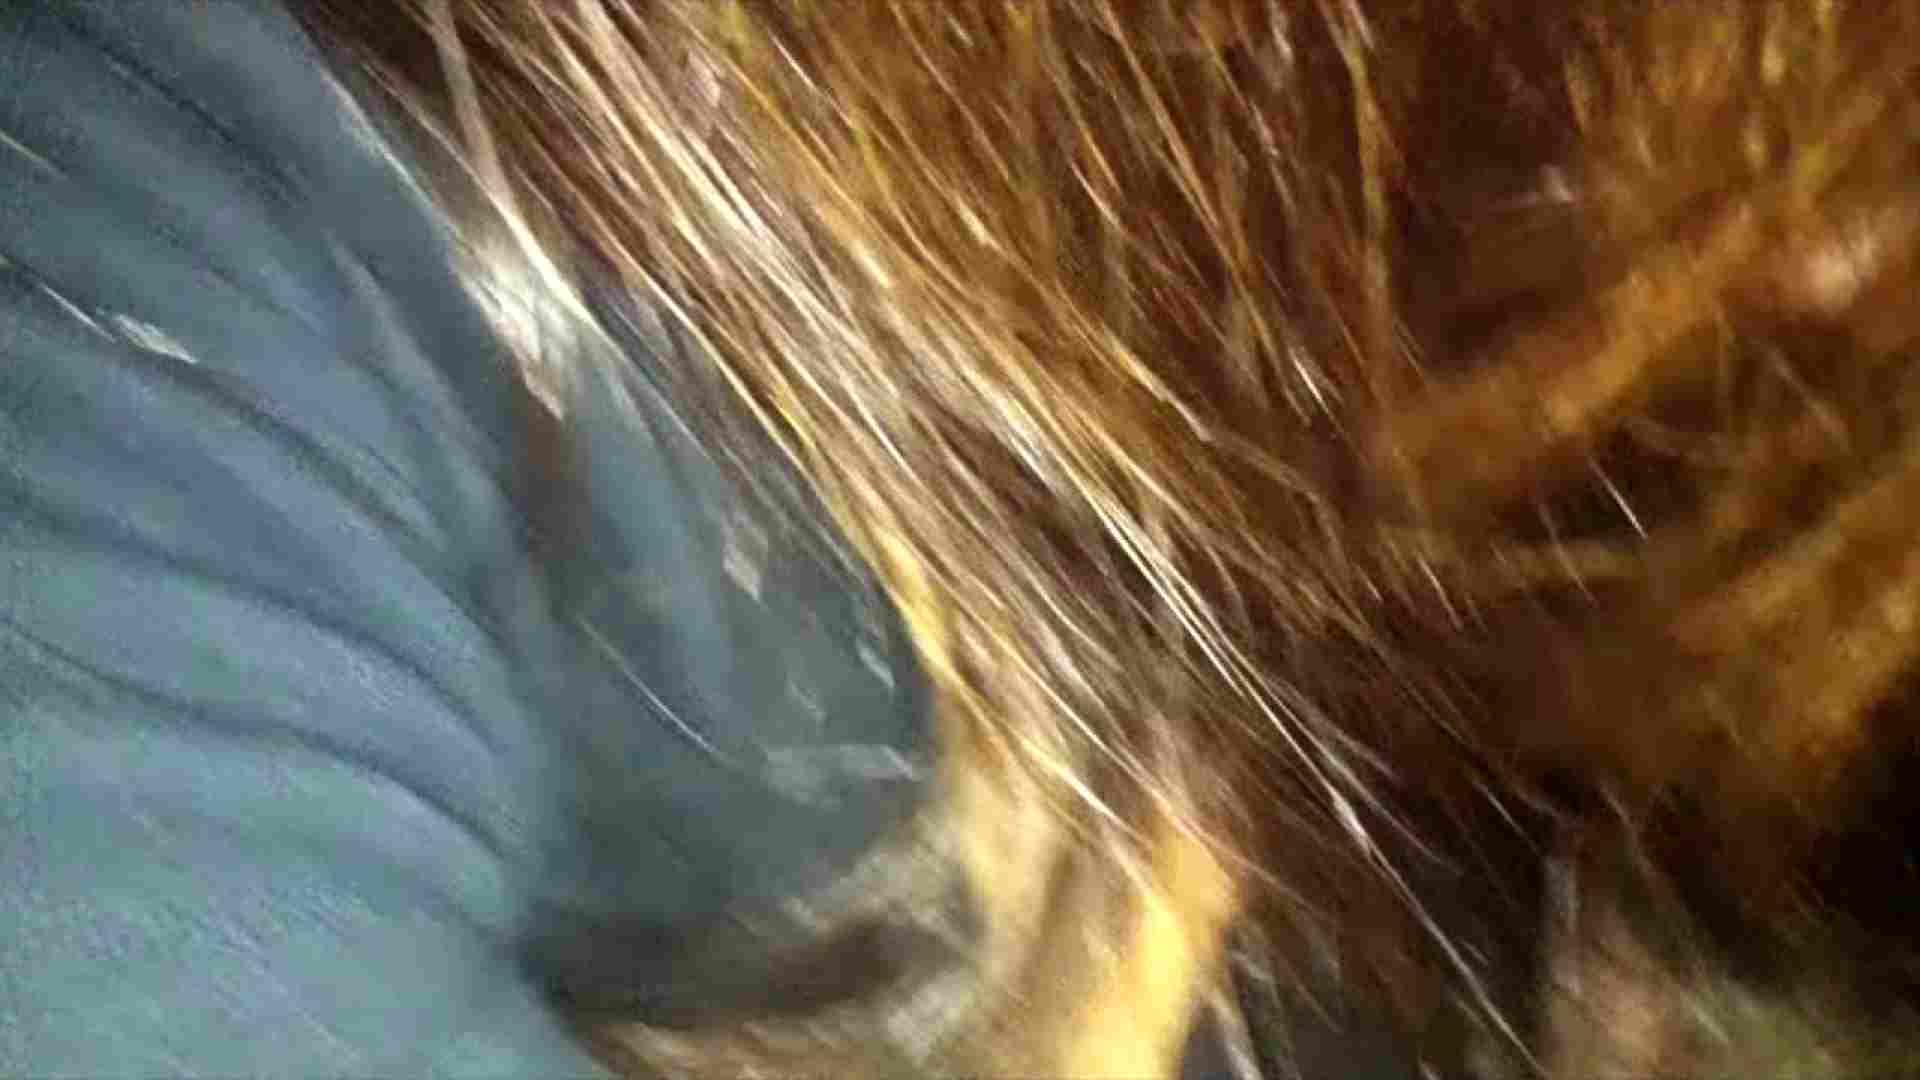 魔術師の お・も・て・な・し vol.19 25歳のキャリアウーマンにネットカフェイタズラ イタズラ エロ画像 70連発 27